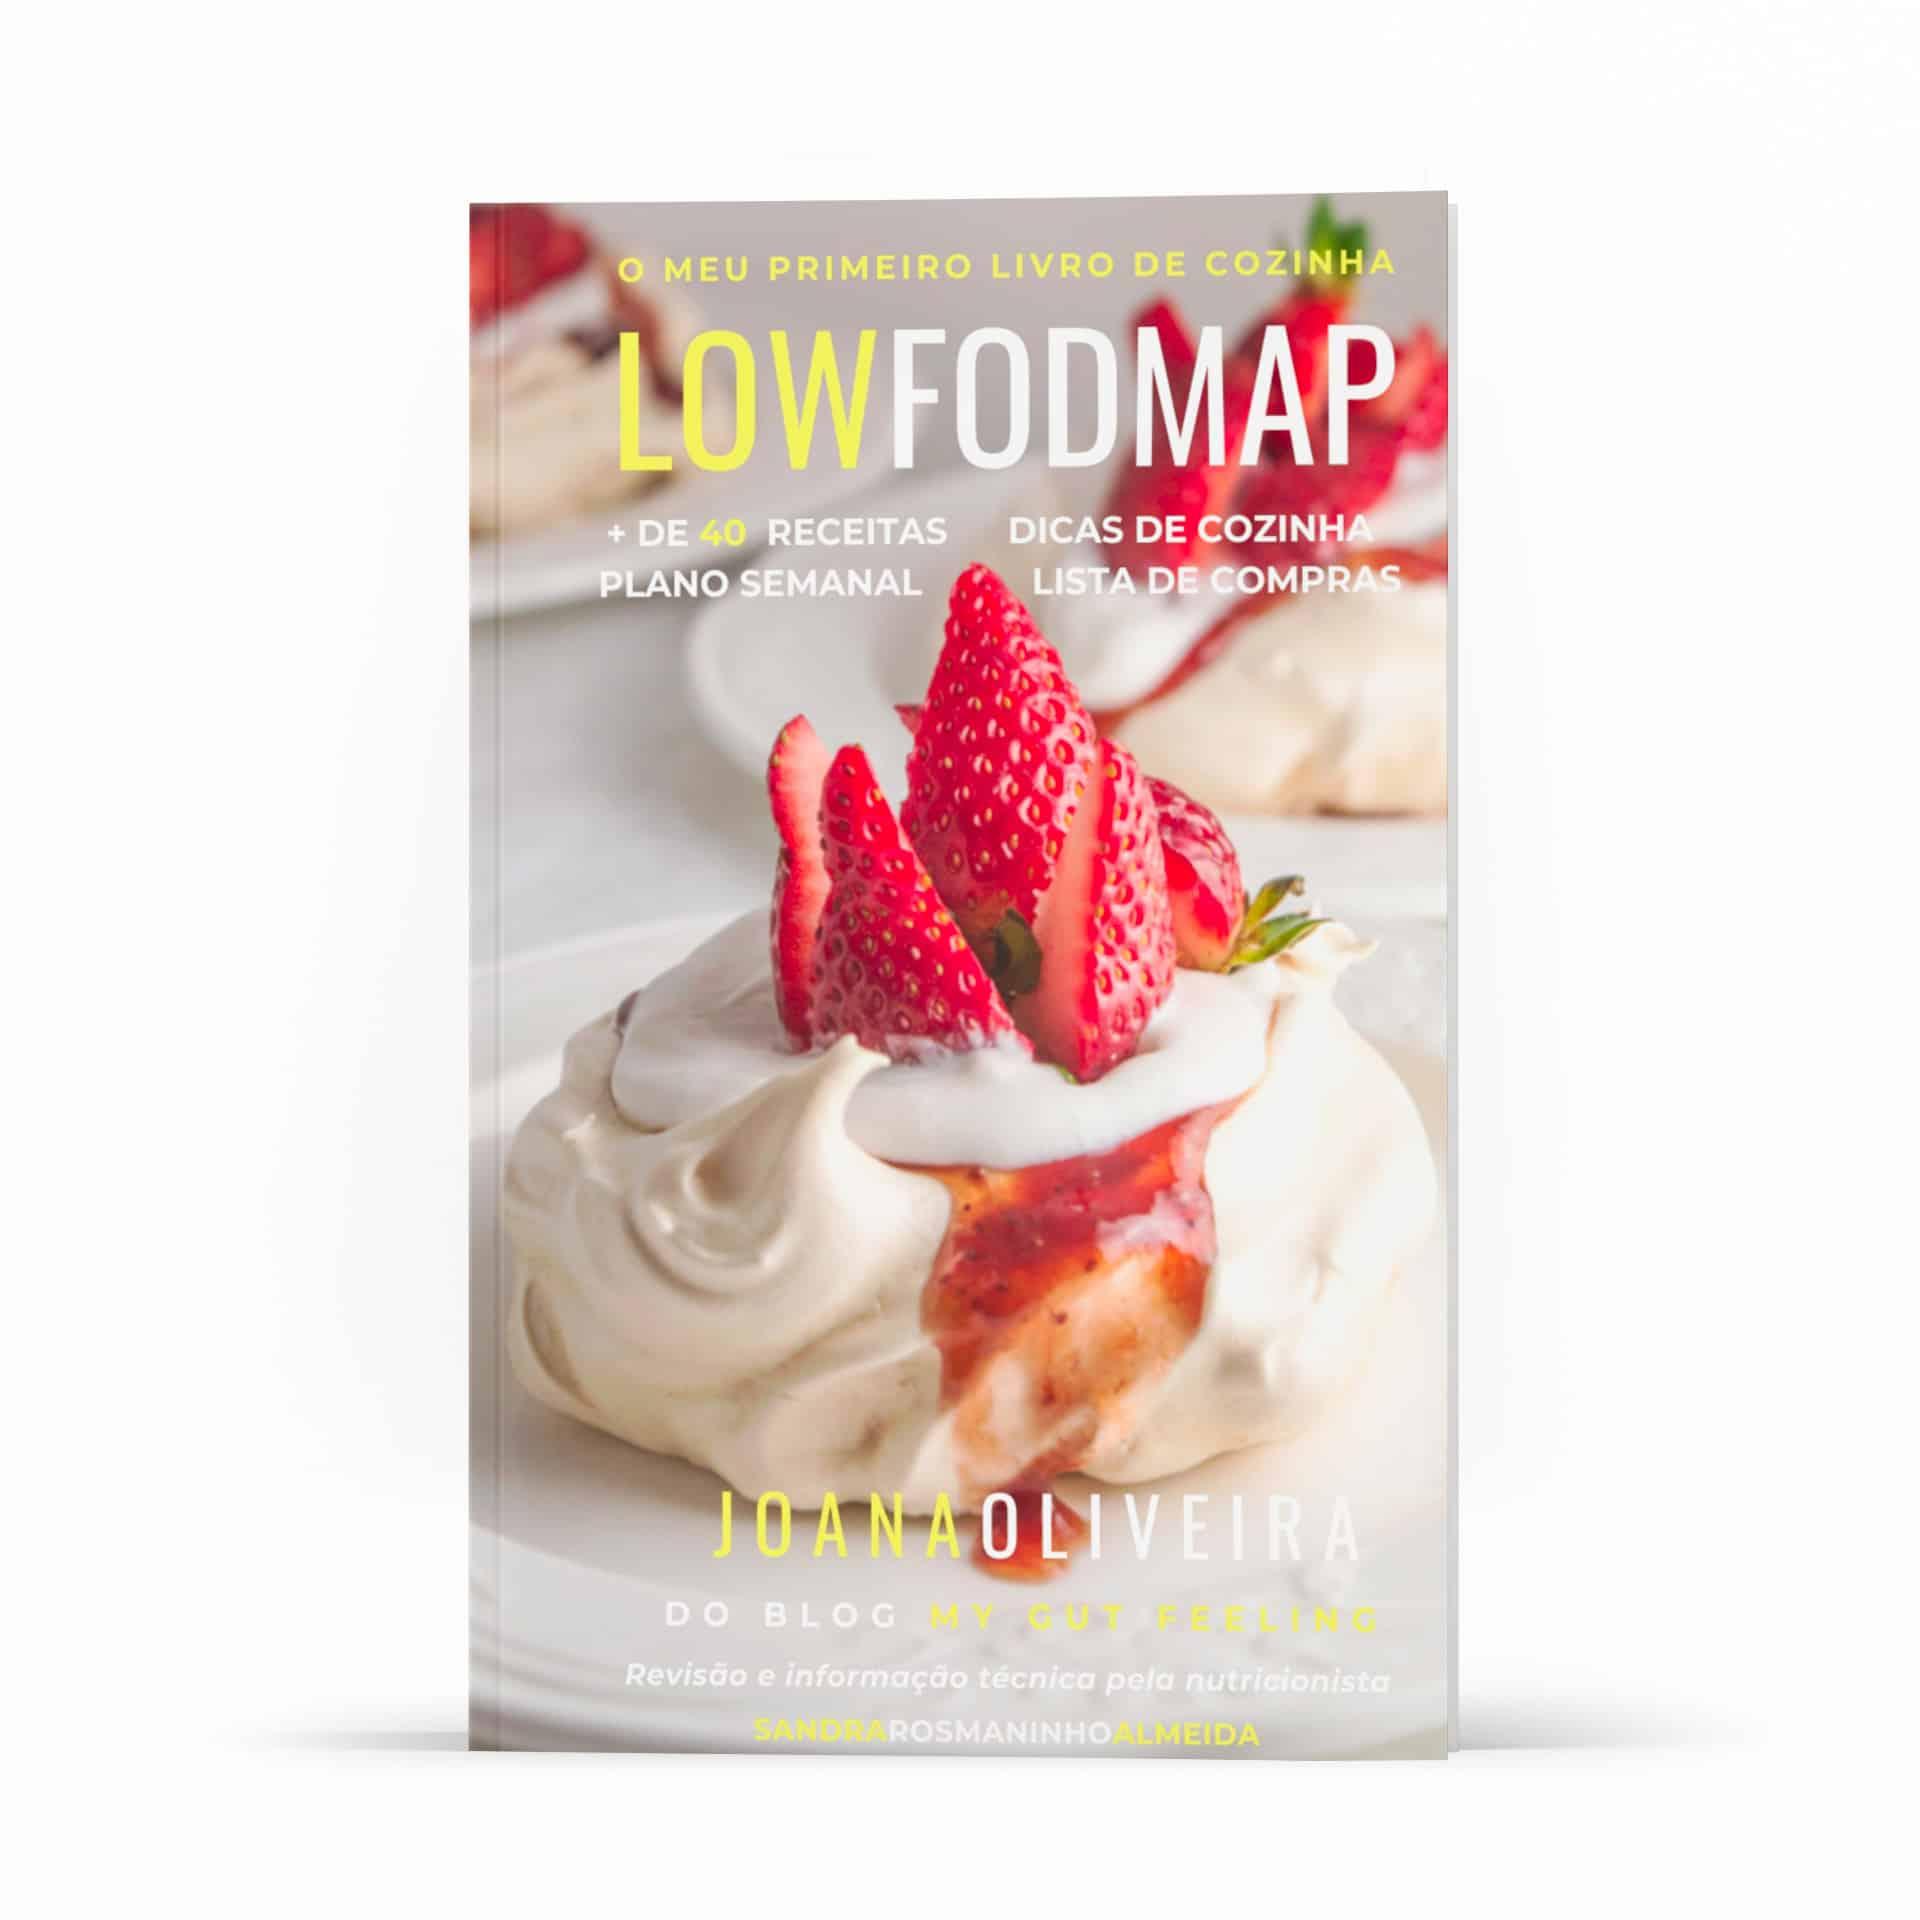 Imagem da capa do meu primeiro livro de cozinha low FODMAP